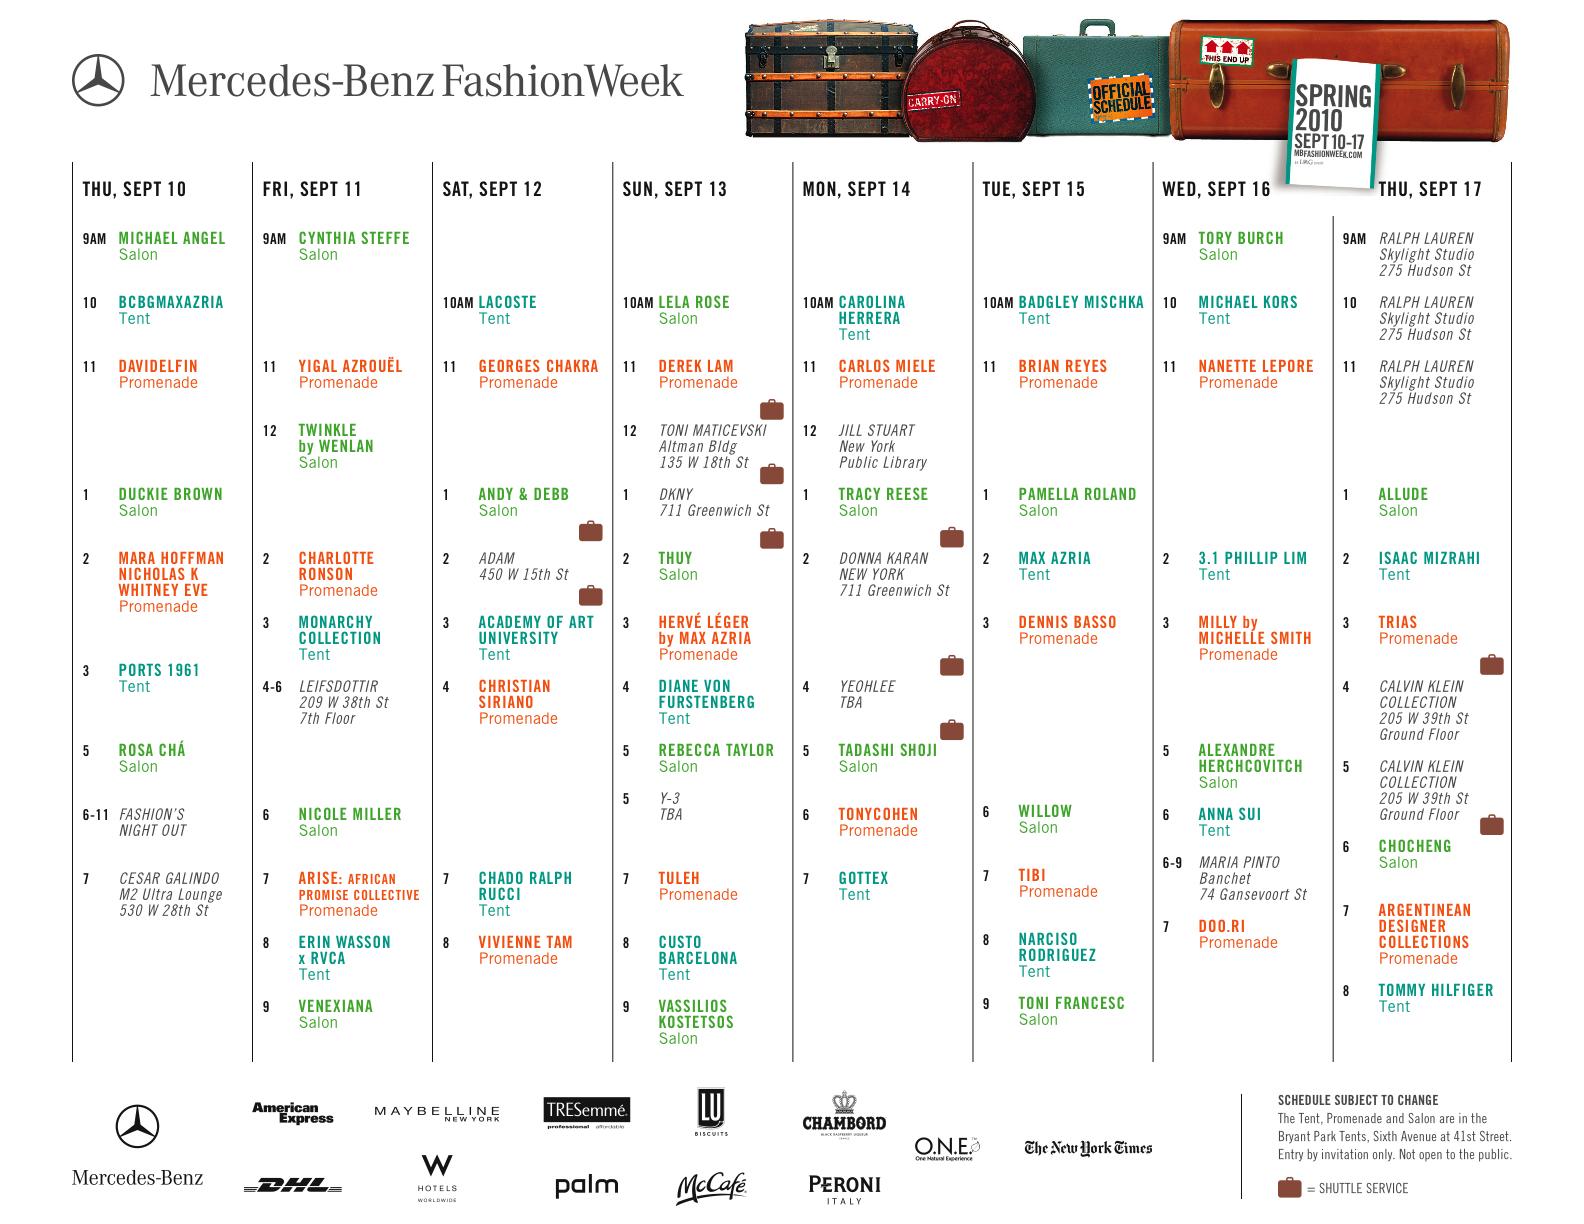 mbfw_s10_schedule_v19.jpg